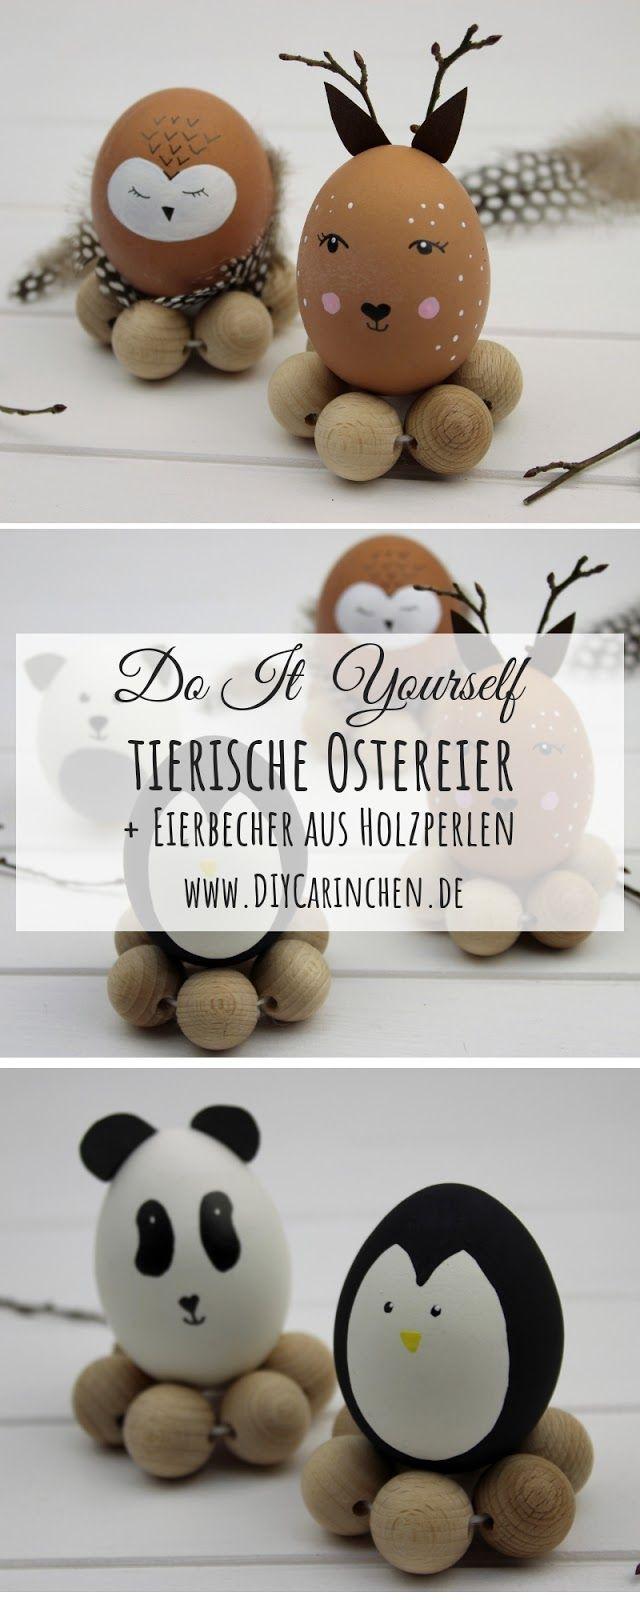 DIY: Tierische Ostereier ganz einfach selber machen / basteln #loisirscréatifs